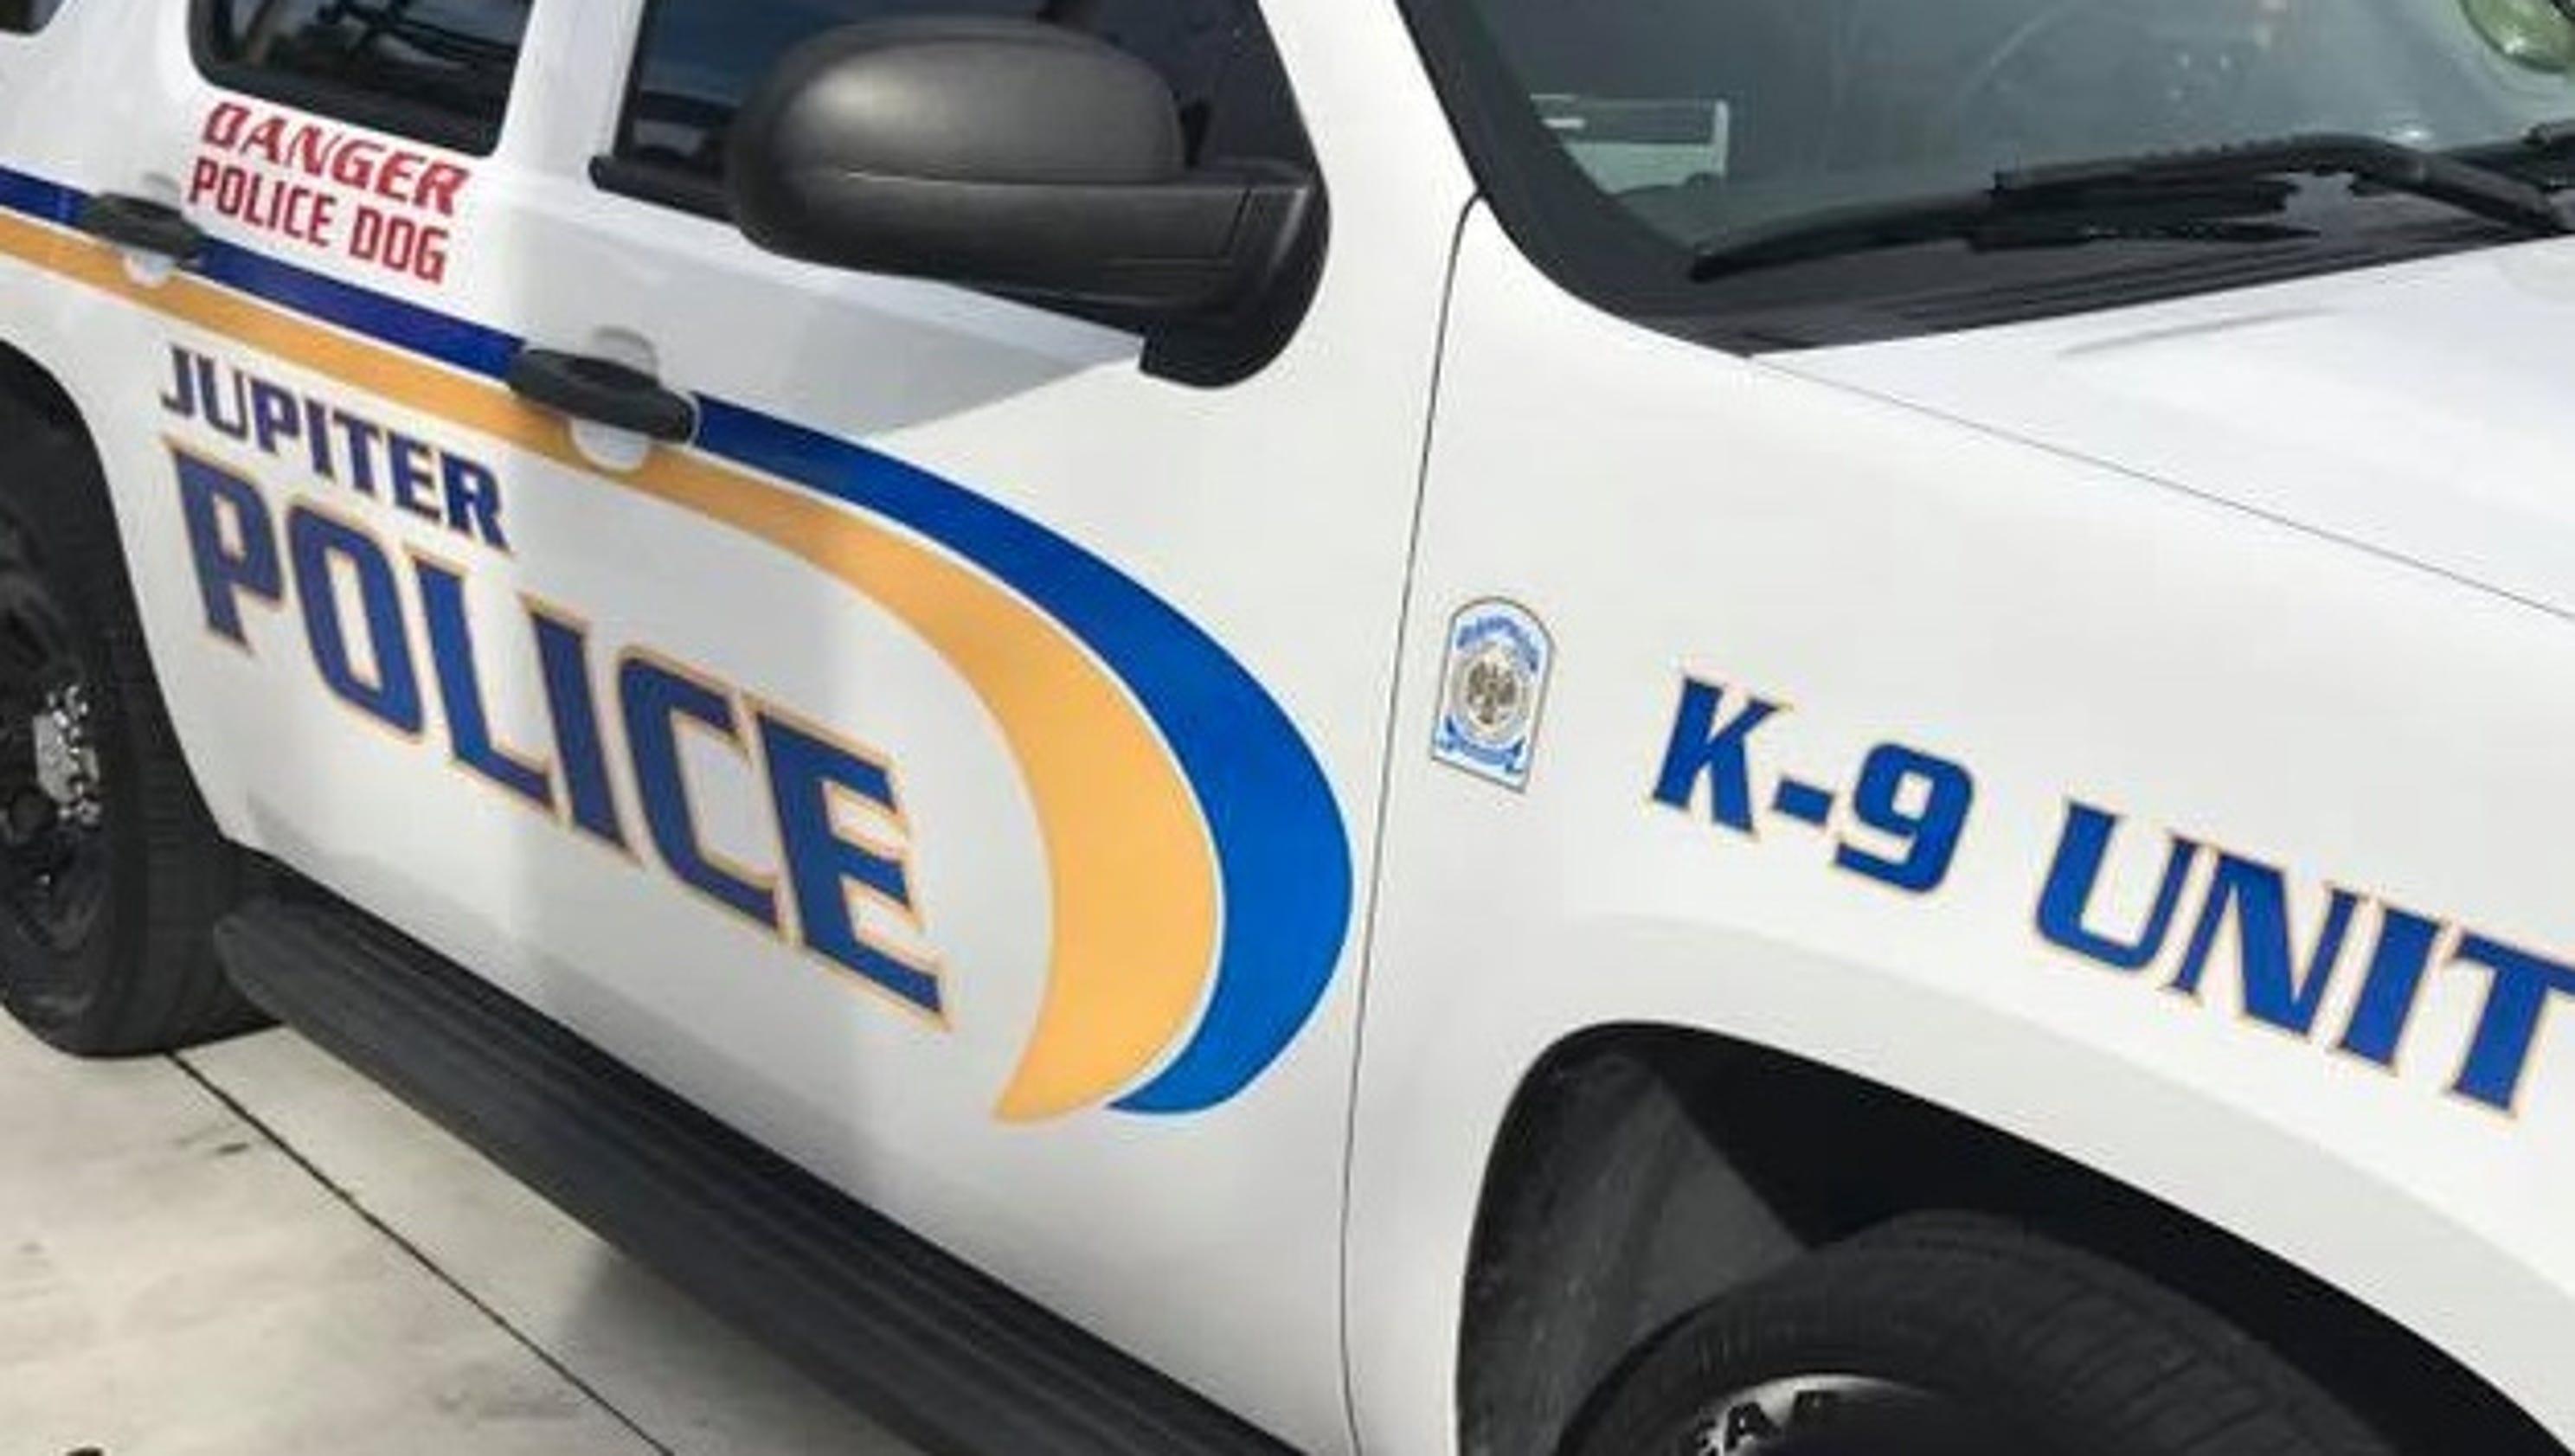 Smuggling incident nets nine arrests in Jupiter